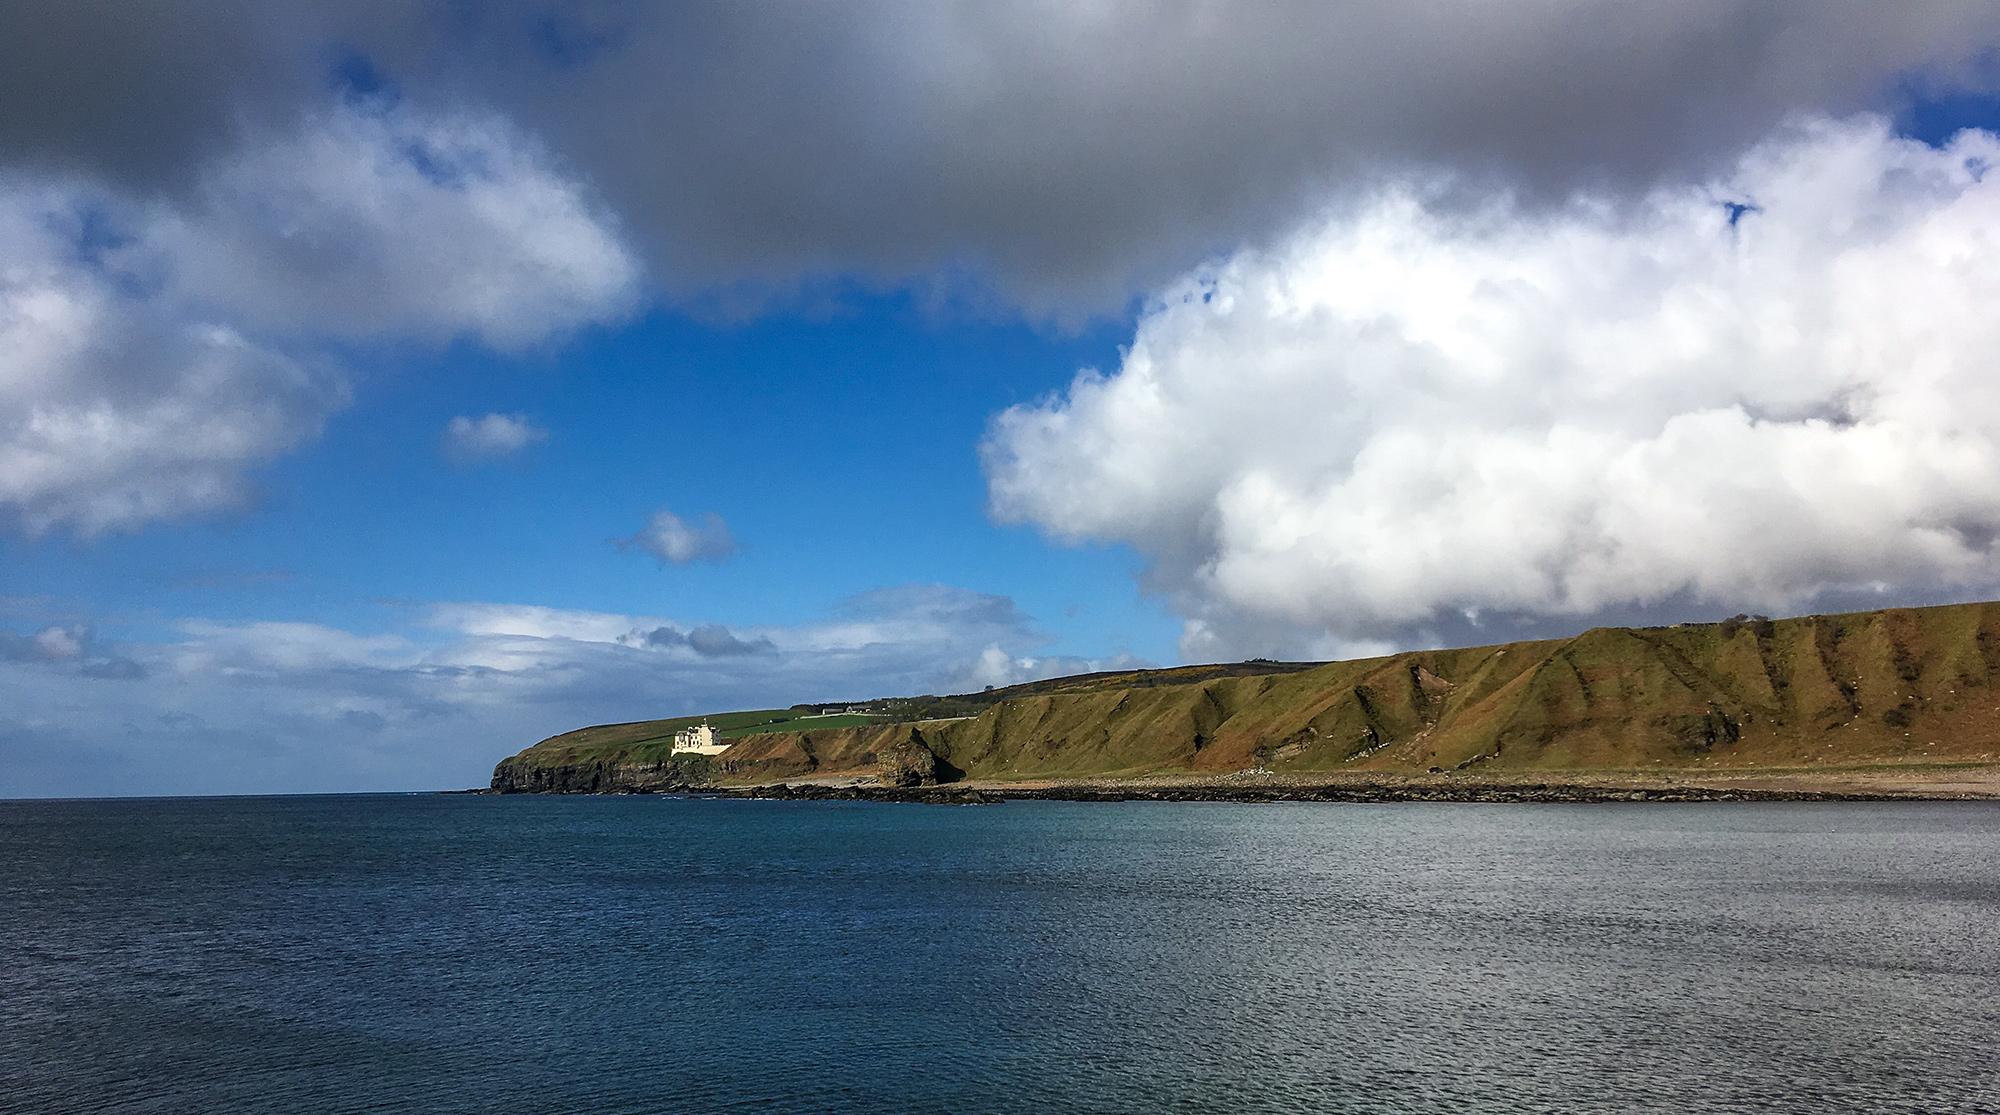 Bucht mit Klippen und weißem Schloß Dunbeath